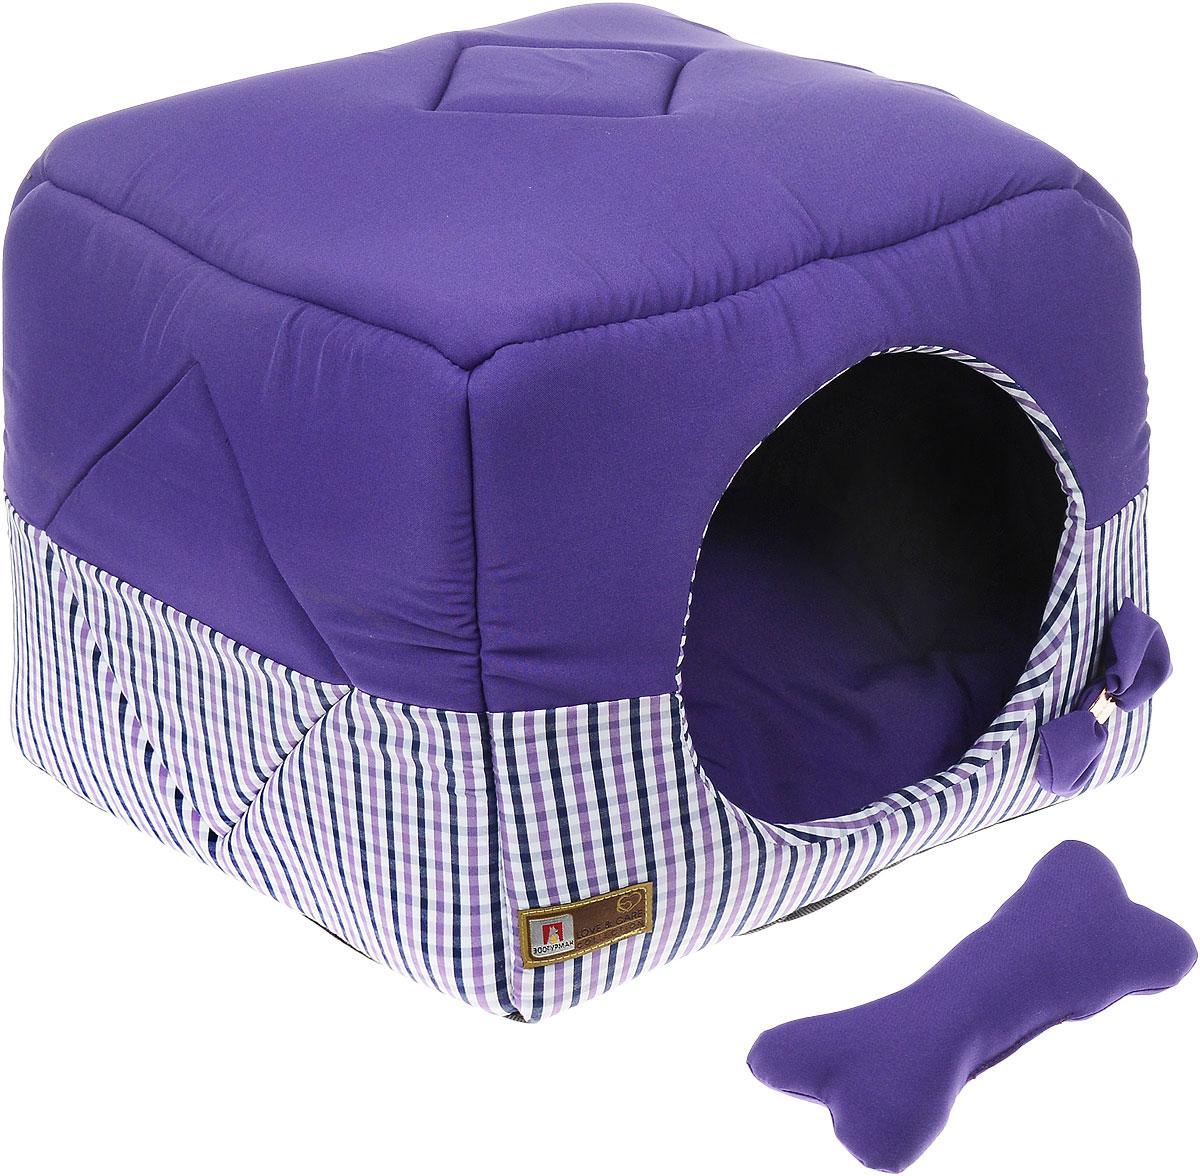 Лежак для собак и кошек Зоогурман Домосед, цвет: фиолетовый, 45 см х 45 см х 45 см1949_фиолетовыйОригинальный и мягкий лежак для кошек и собак Зоогурман Домосед обязательно понравится вашему питомцу. Лежак выполнен из приятного материала. Уникальная конструкция лежака имеет два варианта использования: - лежанка с высокими бортиками и мягкой внутренней подушкой, - закрытый домик с мягкой подушкой внутри. Универсальный лежак-трансформер непременно понравится вашему питомцу, подарит ему ощущение уюта и комфорта. В комплекте со съемной подушкой мягкая игрушка косточка. За изделием легко ухаживать, можно стирать вручную или в стиральной машине при температуре 40°С. Материал: микро волоконная шерстяная ткань. Наполнитель: гипоаллергенное синтетическое волокно. Наполнитель матрасика: шерсть. Размер: 45 см х 45 см х 45 см. Размер лежанки: 45 см х 20 см х 45 см.